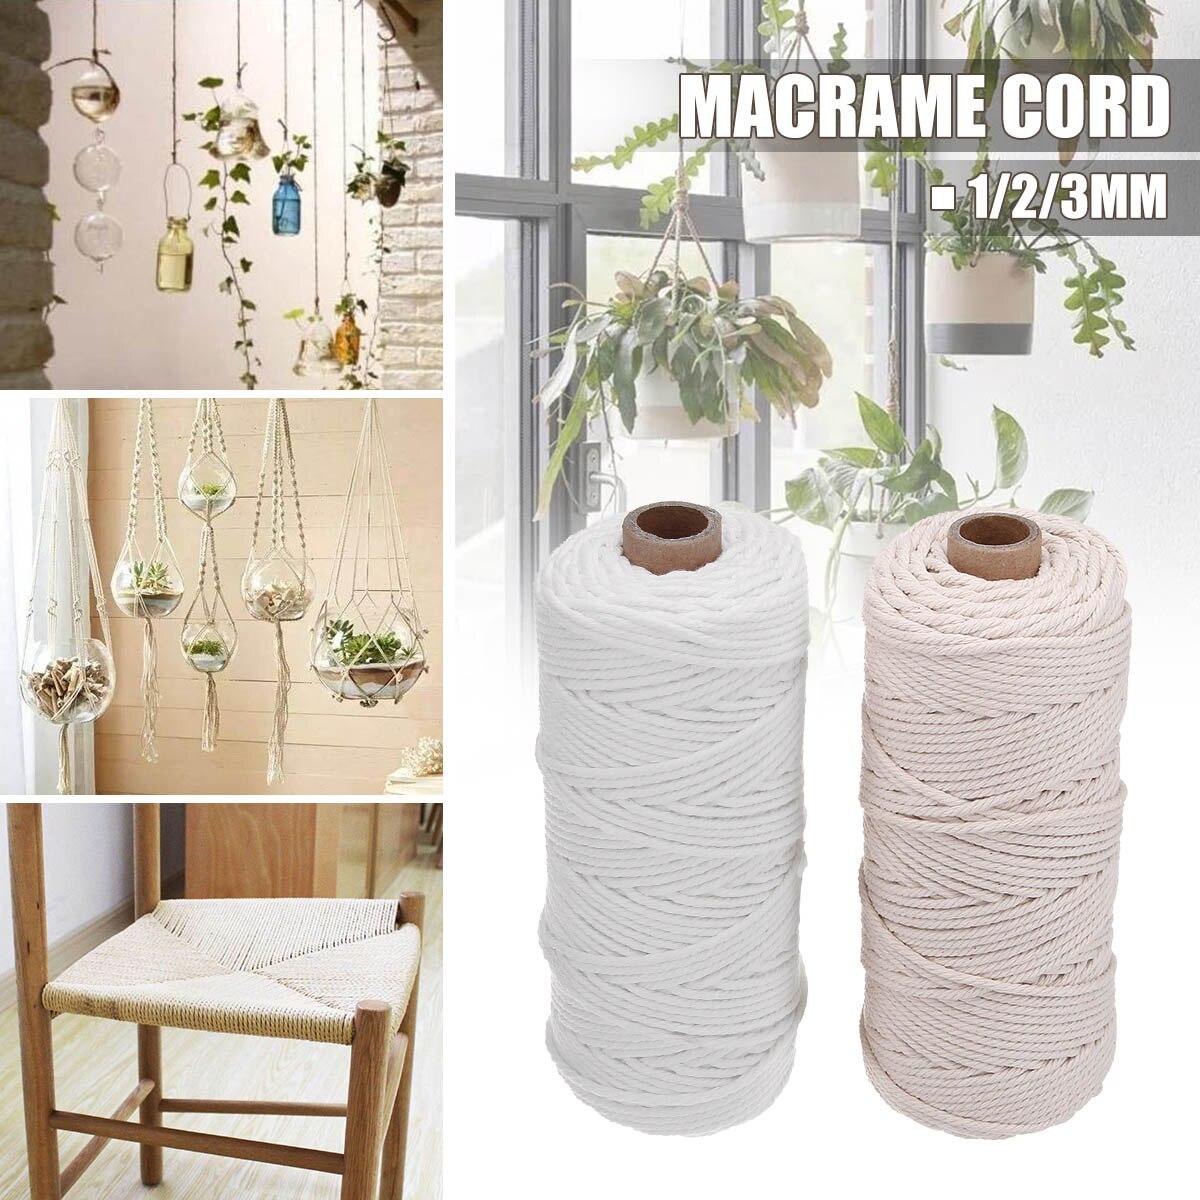 541eb06e9029 Trenzado de Beige cuerda de algodón de 1/2/3mm arte de cadena de Macrame  DIY hecho a mano el hilo ...